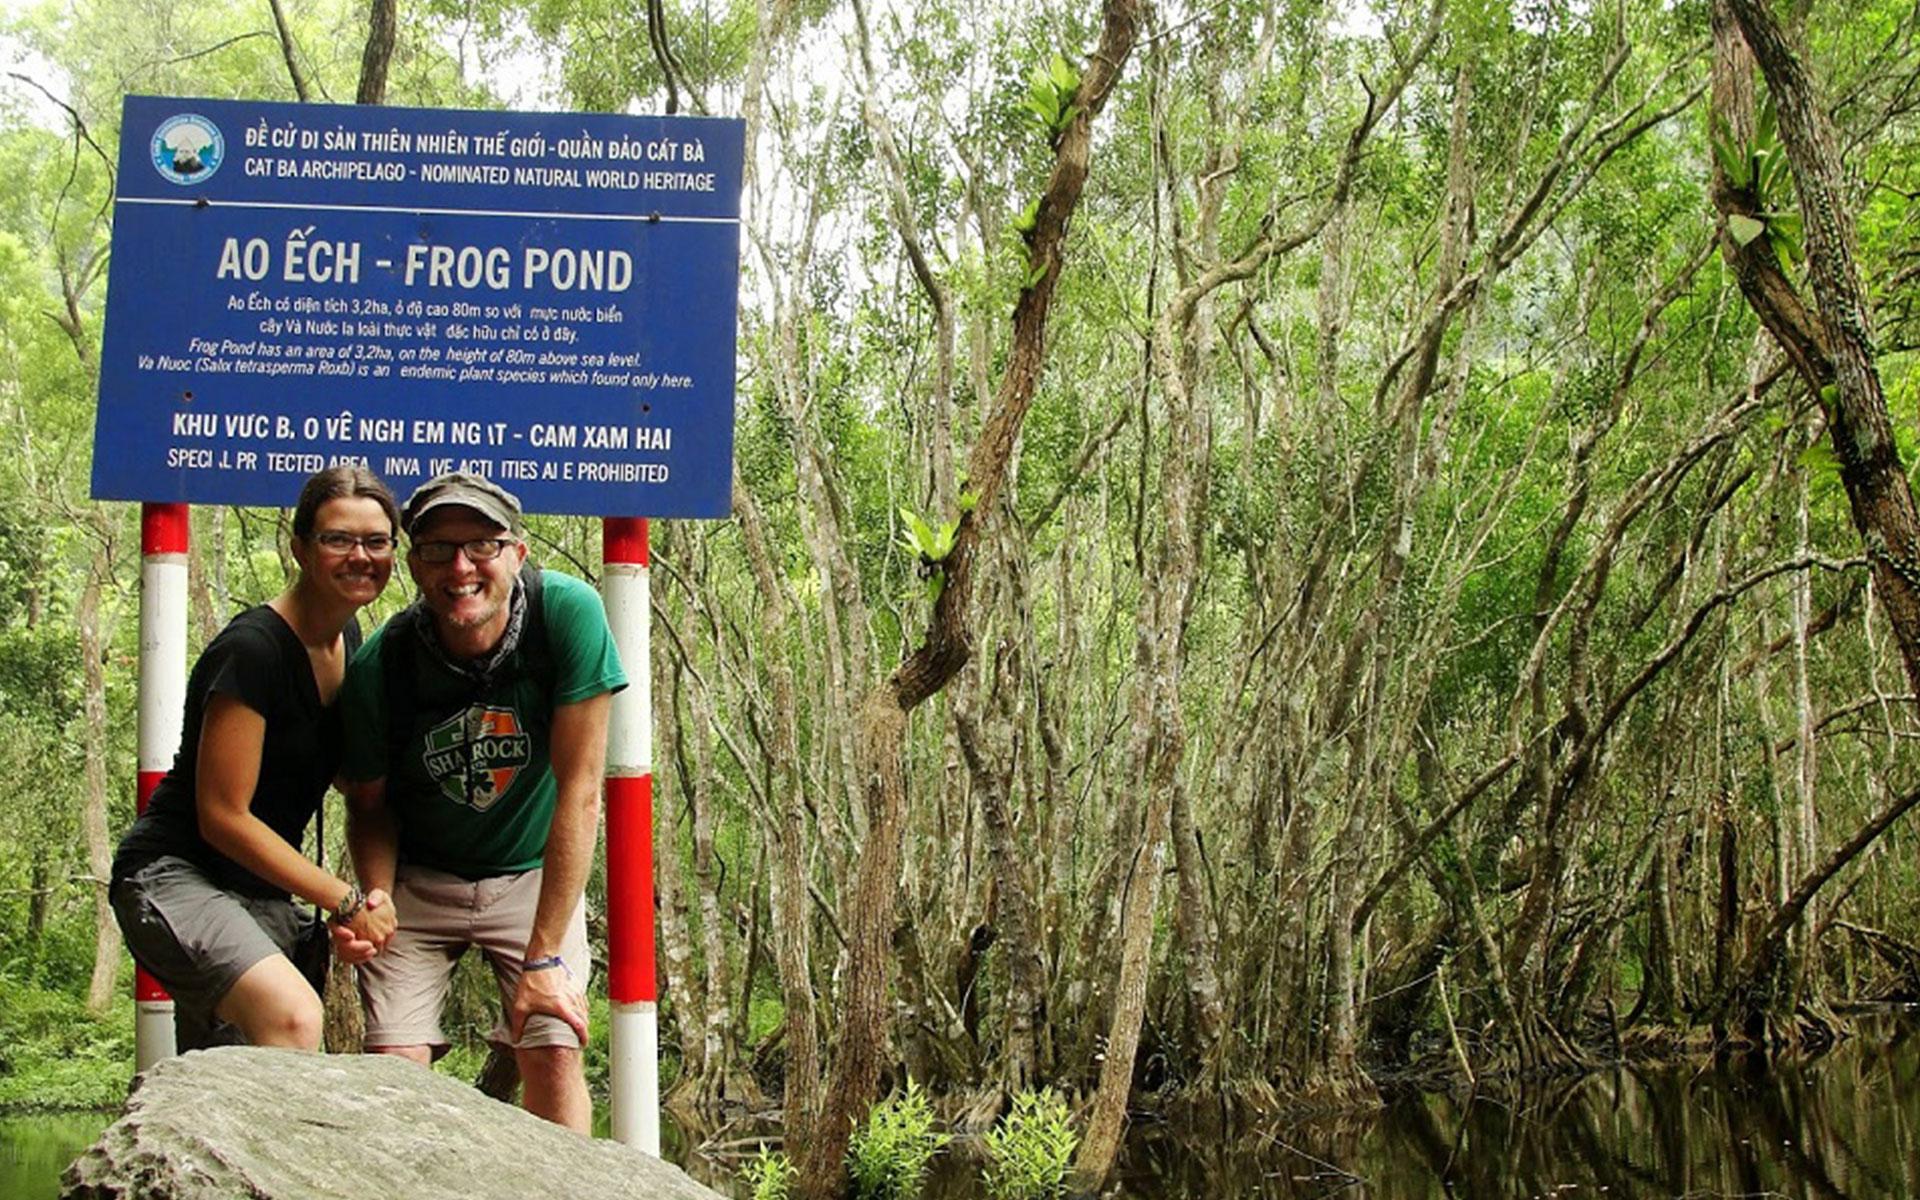 Frog Pond in Cat Ba National Park